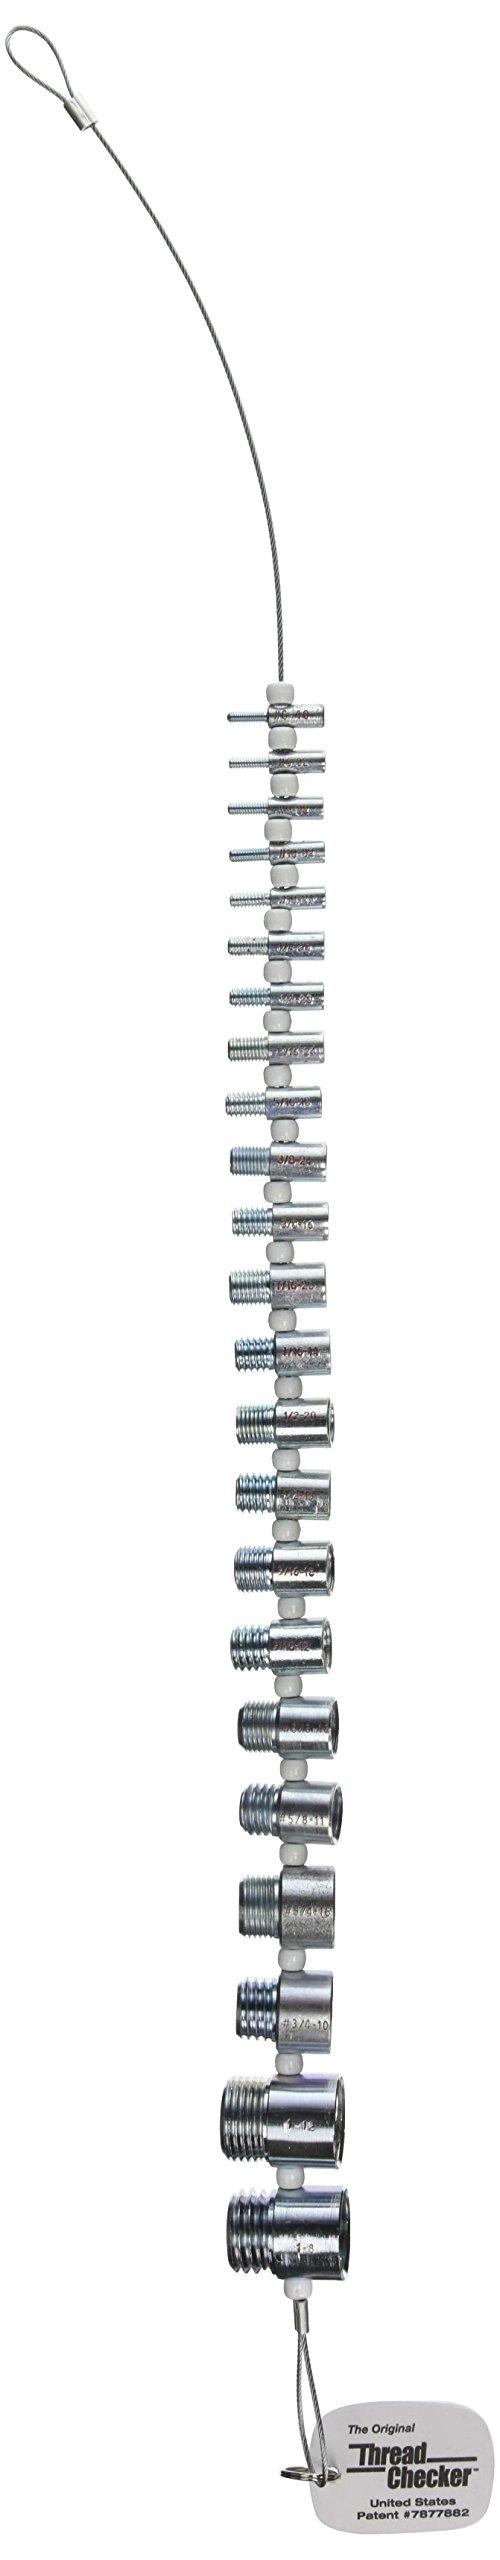 S&W Nut & Bolt Inch Thread Checker - Model: SWTC-S21 by S&W